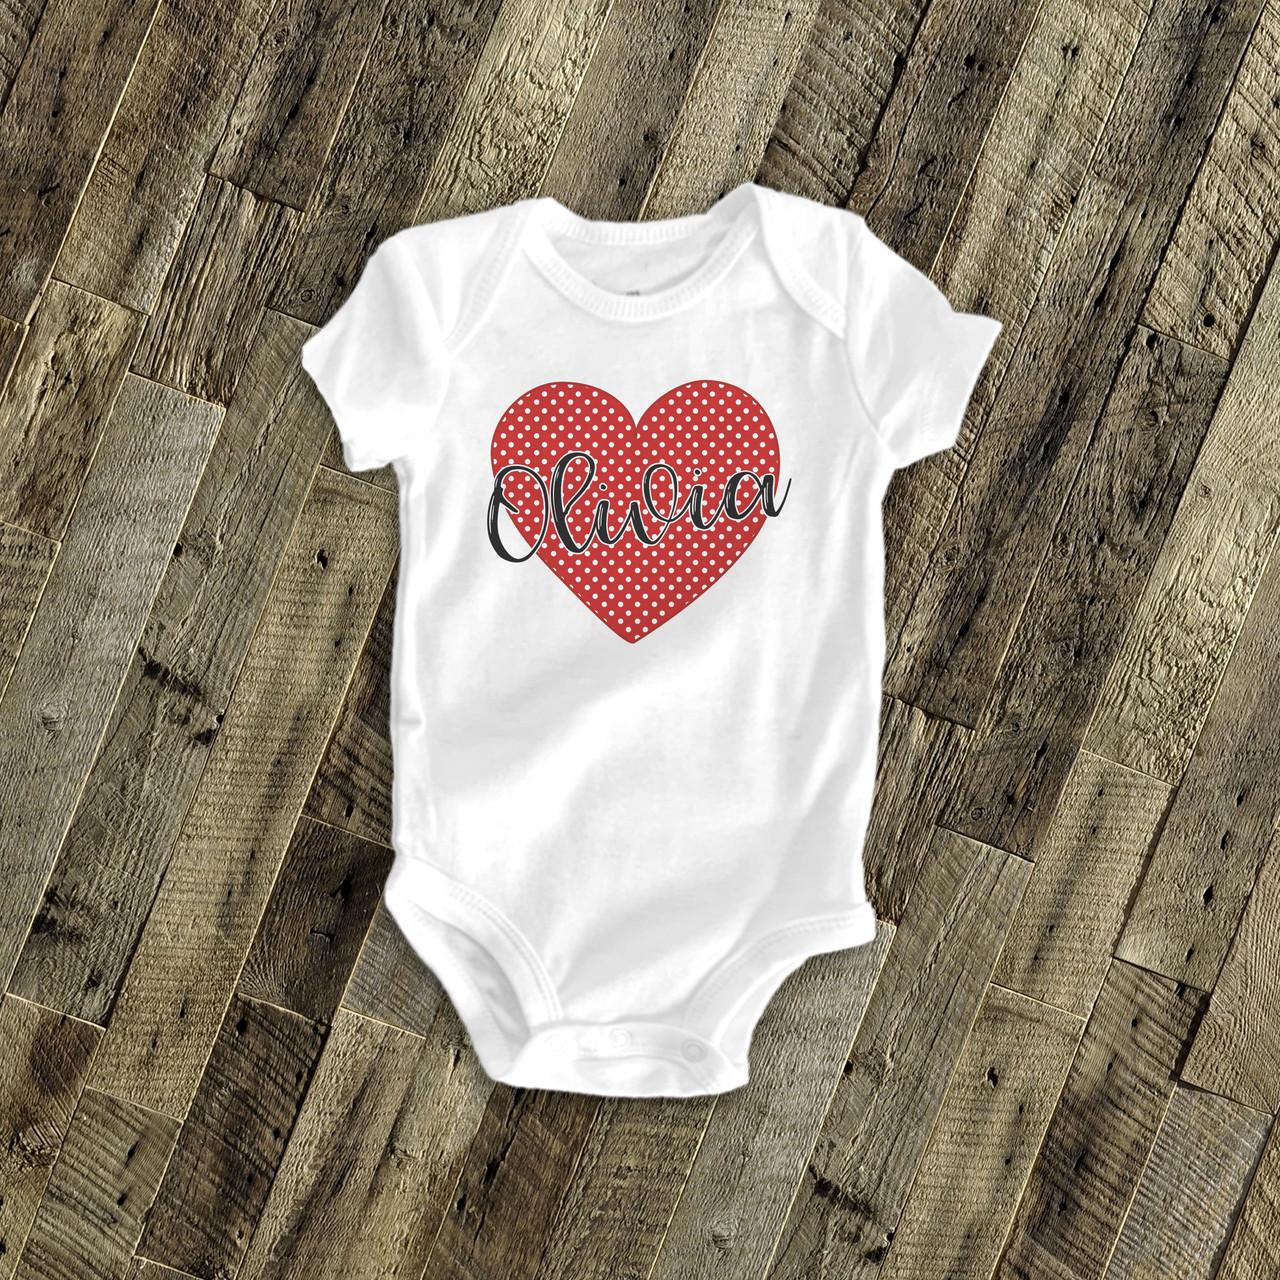 Heart Personalized Valentine Baby Onesie